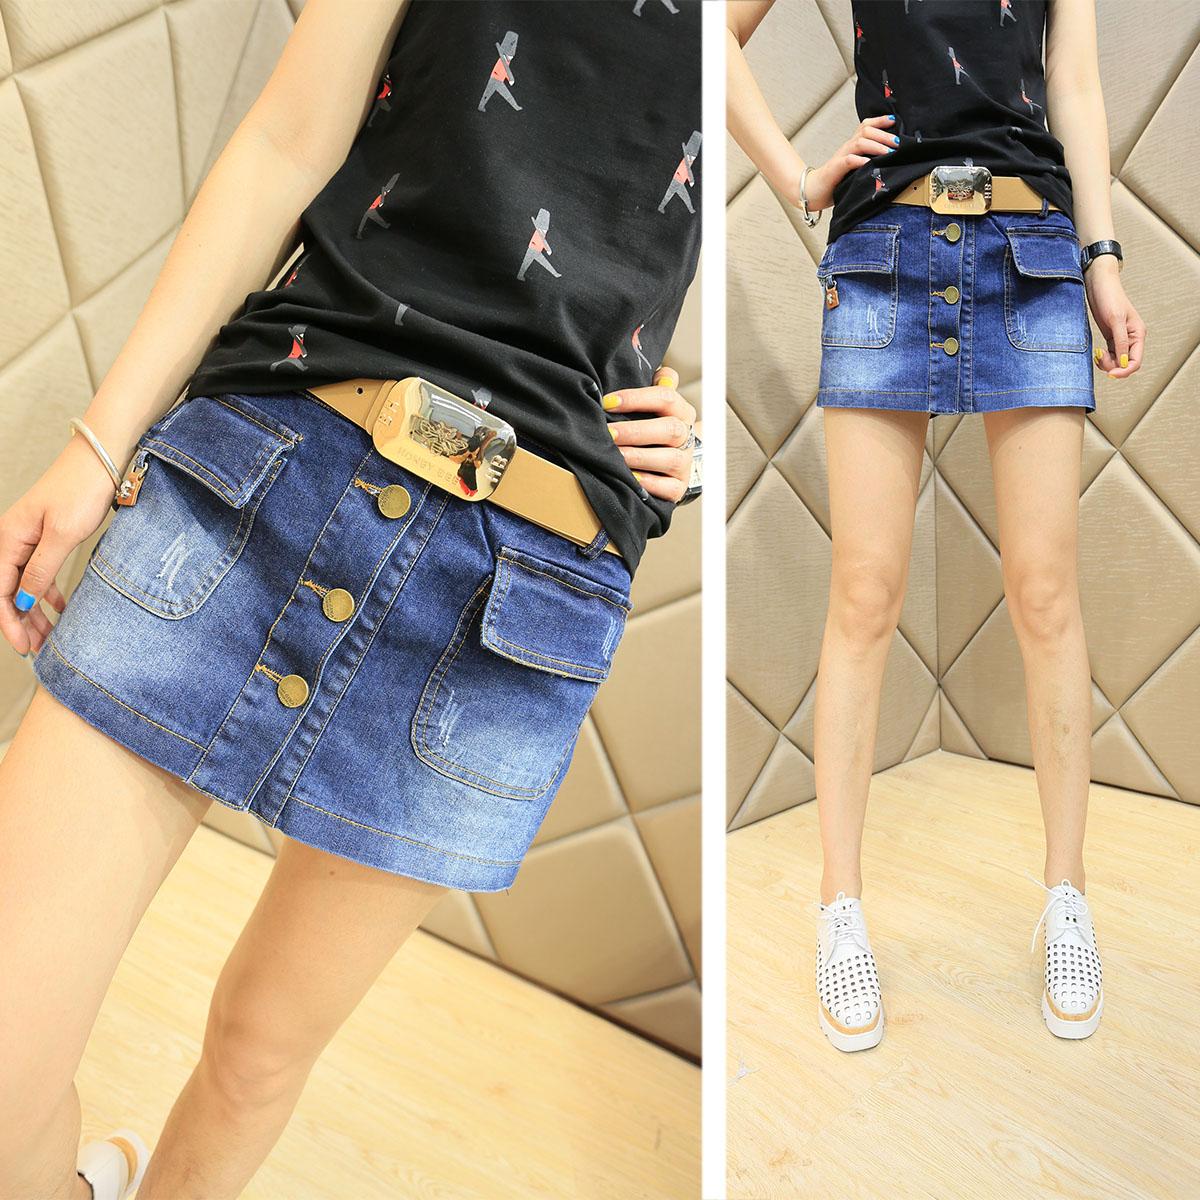 к 2015 году Новая летняя юбка плюс размер джинсовые шорты женщина жира mm тонкий юбка Корейский короткие шорты юбки носить Тайд